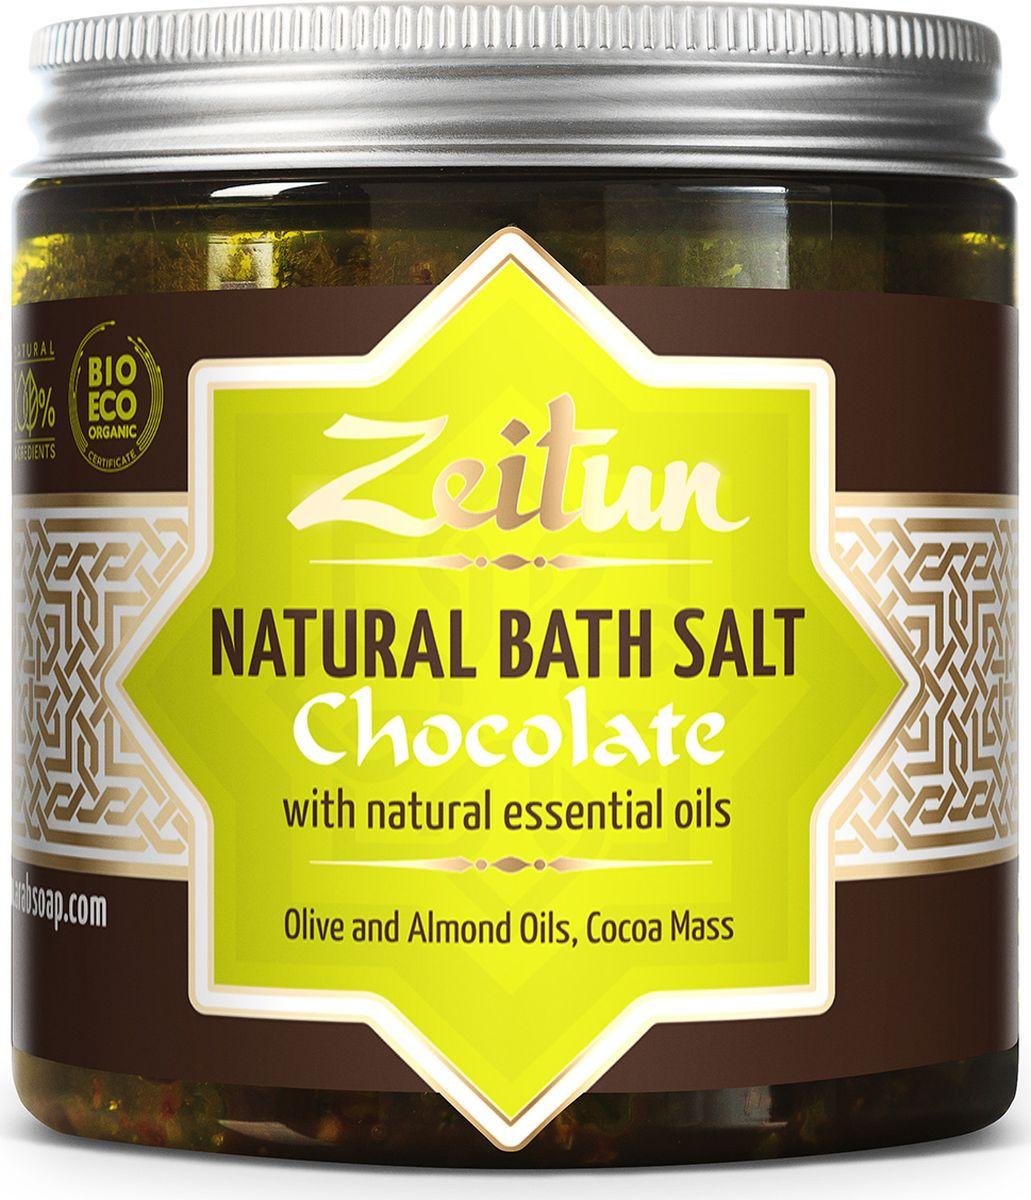 Зейтун Аромасоль для ванны шоколадная, 200 млZ2106Знаете ли вы, каково это – купаться в шоколаде? Это вовсе не сказка: просто погрузитесь один раз в целебную солевую ванну, наполненную умопомрачительным ароматом какао и ванили, и предайтесь безграничному удовольствию!Шоколадная ароматическая соль для ванн Zeitun содержит настоящие тертые бобы какао и измельченные стручки ванили, чей аромат способен наполнить вас ощущением счастья и открыть для вас истинный вкус к жизни. Кроме того, эти компоненты прекрасно питают кожу, делая ее упругой, гладкой и сияющей.Основа из солей Мертвого моря и Индийского океана обеспечивает коже самое богатое микроэлементное питание и оздоровление, а гидрофильные масла оливы и миндаля глубоко увлажняют, полностью впитываясь и не оставляя масляных разводов на воде.В составе шоколадной соли Мертвого моря и Индийского океана – настоящее ароматное какао в сочетании глубоко увлажняющими растительными маслами:Измельченные какао бобы – источник около 500 полезных активных веществ: витаминов, минералов, микро- и макроэлементов. Какао превосходно смягчает сухую, обезвоженную кожу, придает ванной процедуре ни с чем не сравнимый шоколадный аромат, обеспечивает прилив эндорфинов.Ваниль обладает прекрасными антиоксидантными свойствами, снимает кожные раздражения, превосходно регенерирует, дарит шоколадному аромату теплый пикантный оттенок.Соль Мертвого моря – самая настоящая кладезь для здоровья, у которой нет ни единого аналога в мире. Богатая микроэлементами соль поистине волшебно воздействует на общее состояние организма, борется с кожными заболеваниями, снимает усталость мышц и суставов.Соль Индийского океана обладает уникальным макро- и микроэлементным составом, который высоко ценится в медицине и косметологии. Соль способствует активному насыщению клеток практически всем спектром необходимых веществ, программирует кожу на правильное усвоение и распределение энергии, препятствуя накапливанию жировых отложений.Гидрофильные масла (оливковое, миндальн